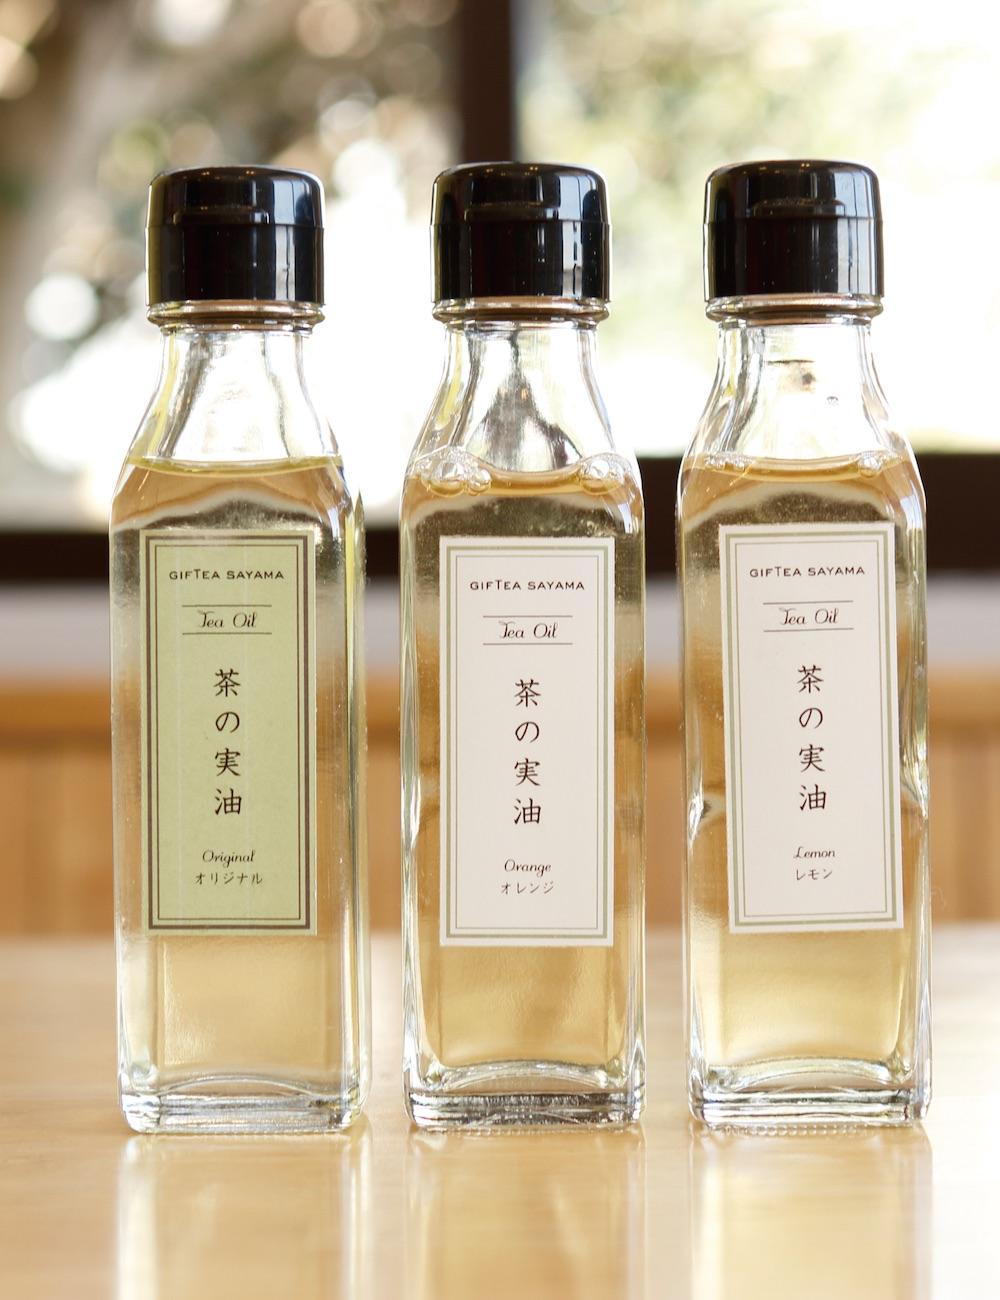 从茶树摘取的果实萃取而成的茶油可以用来保养肌肤。